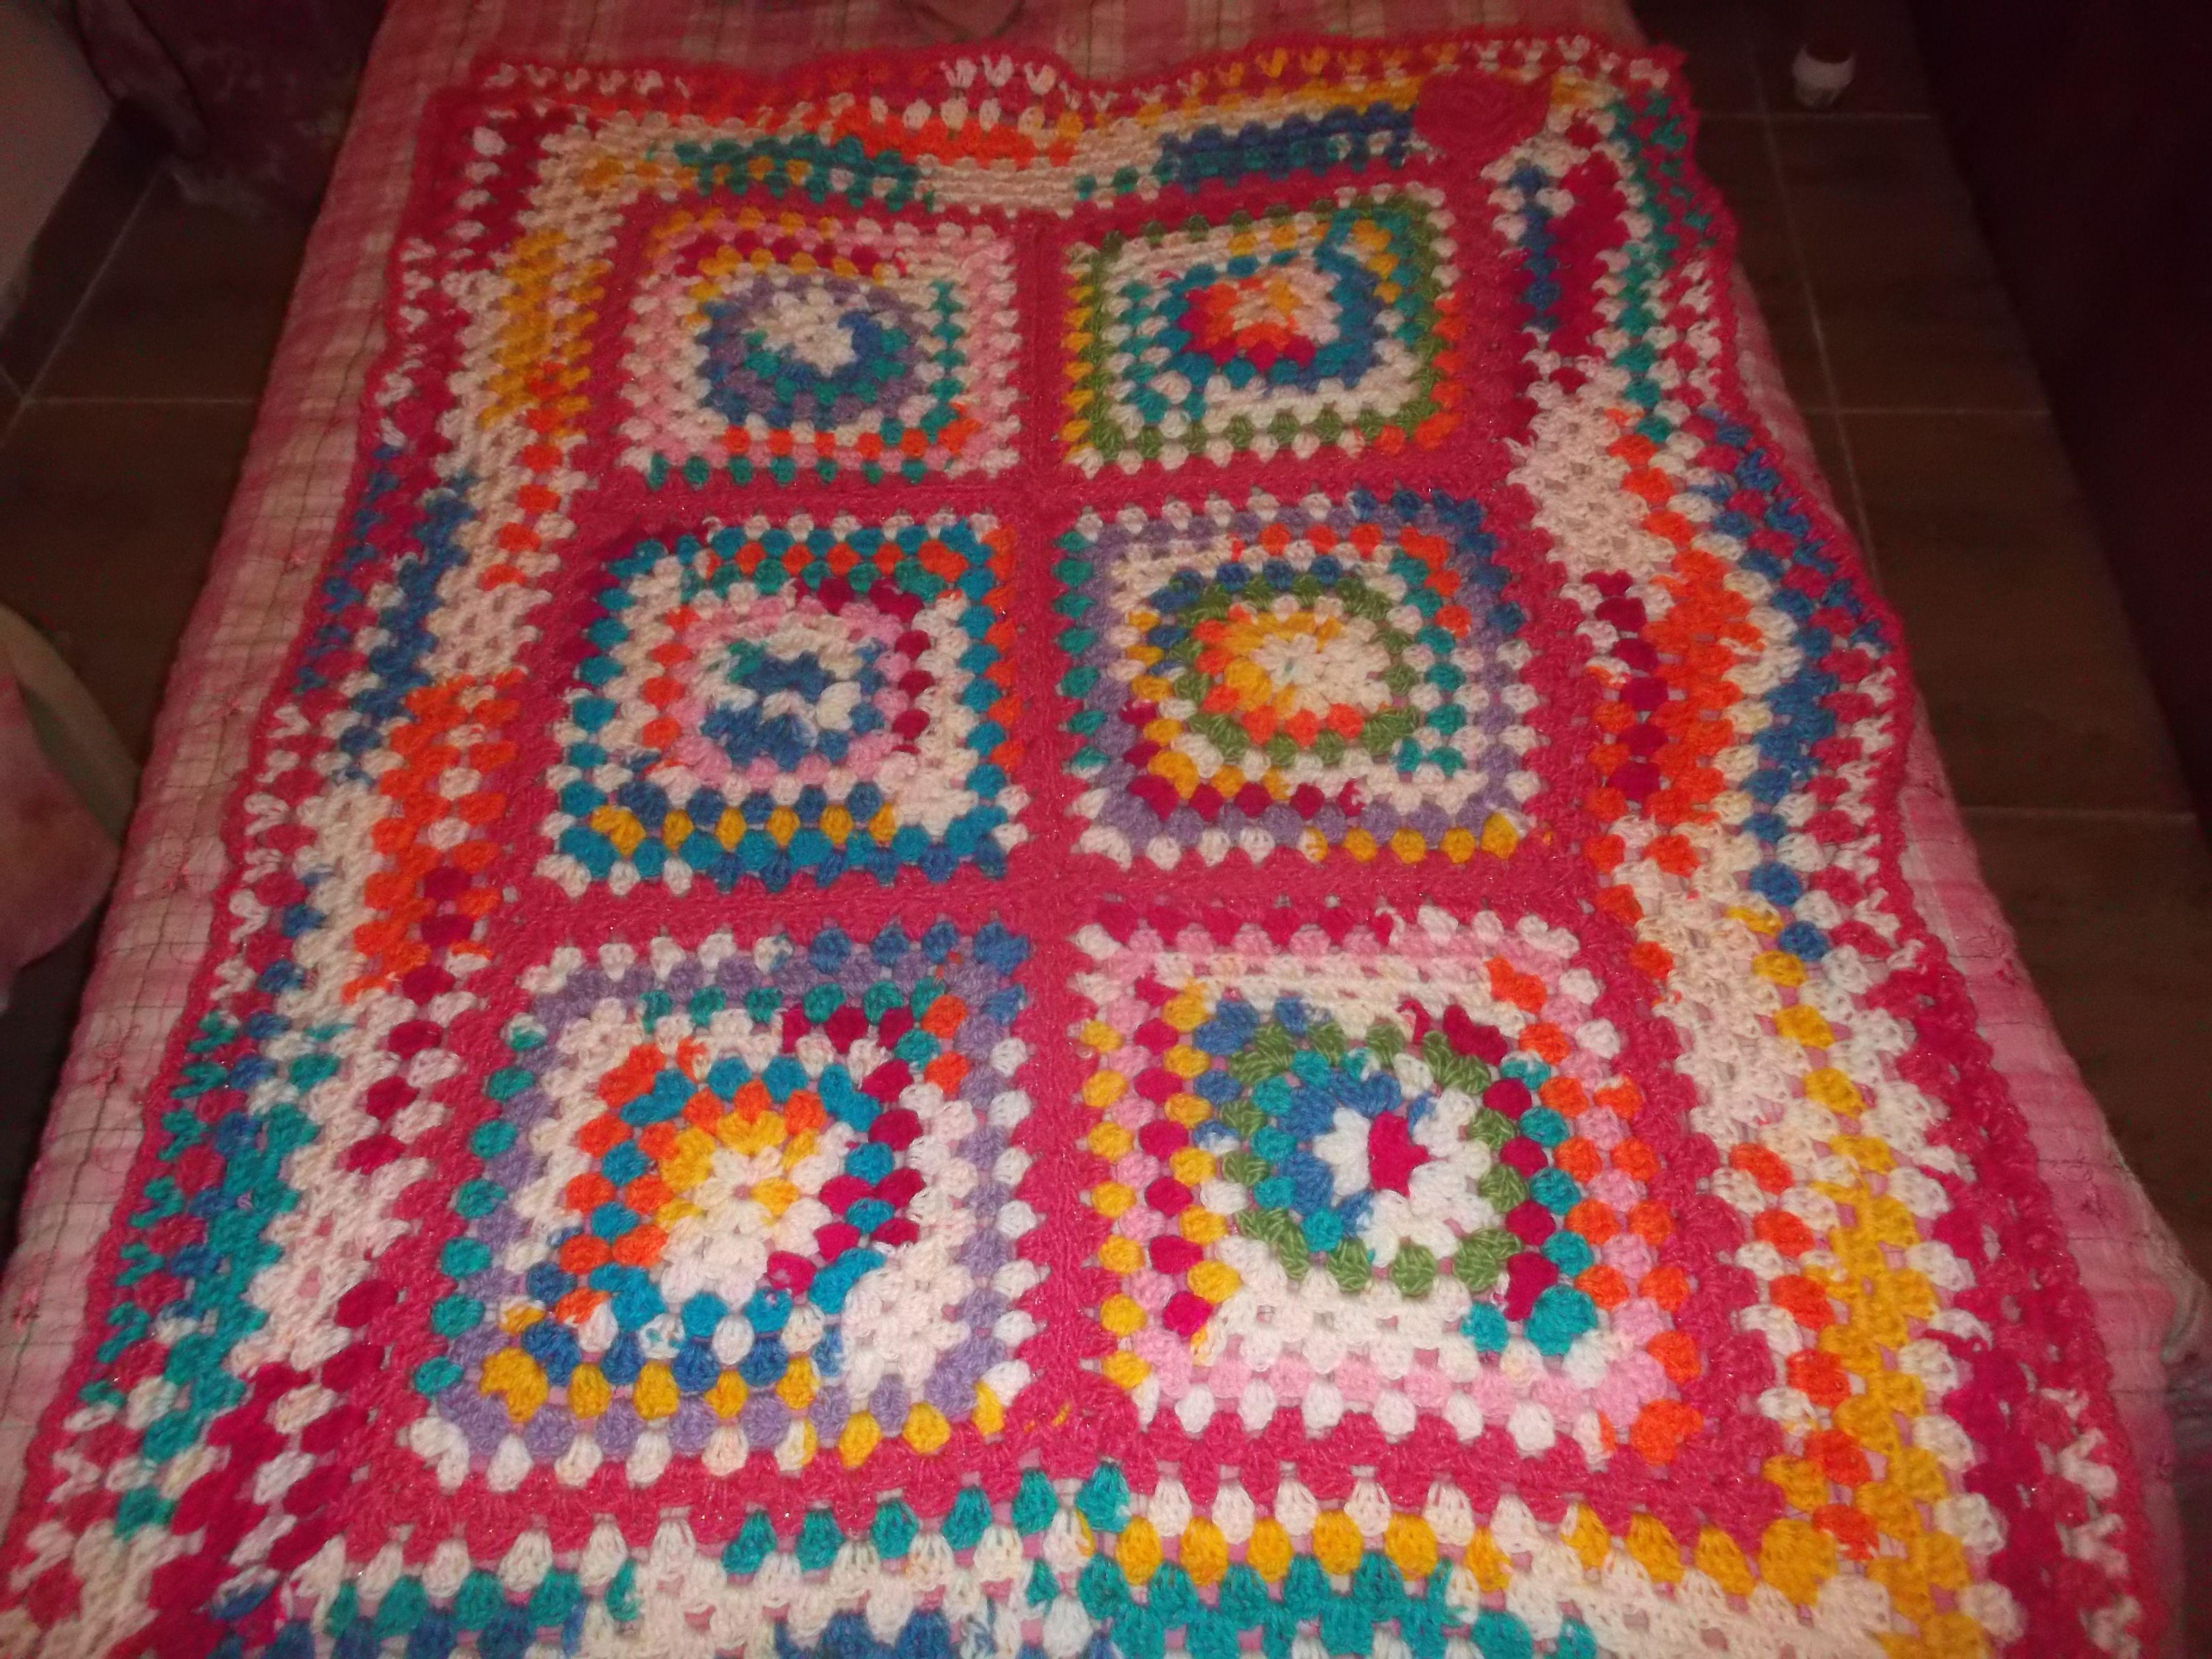 manta en crochet en lana sintetica gruesa, la lana es multicolor ...